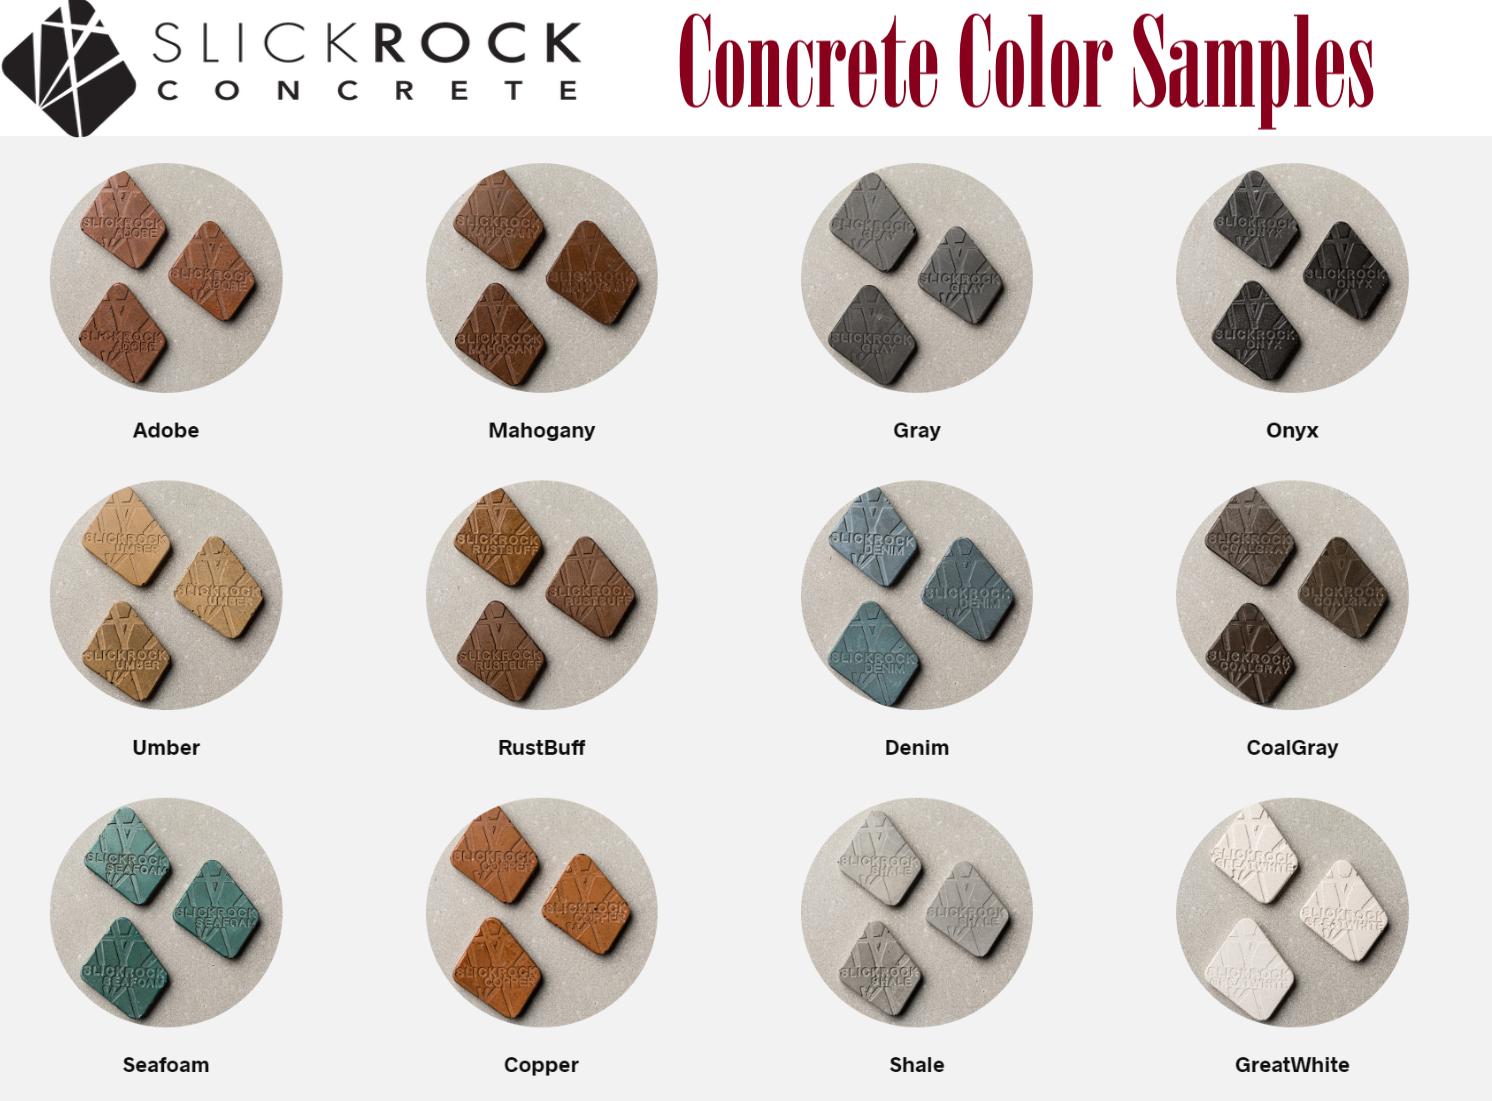 Slick Rock Concrete Fire Bowl Colors